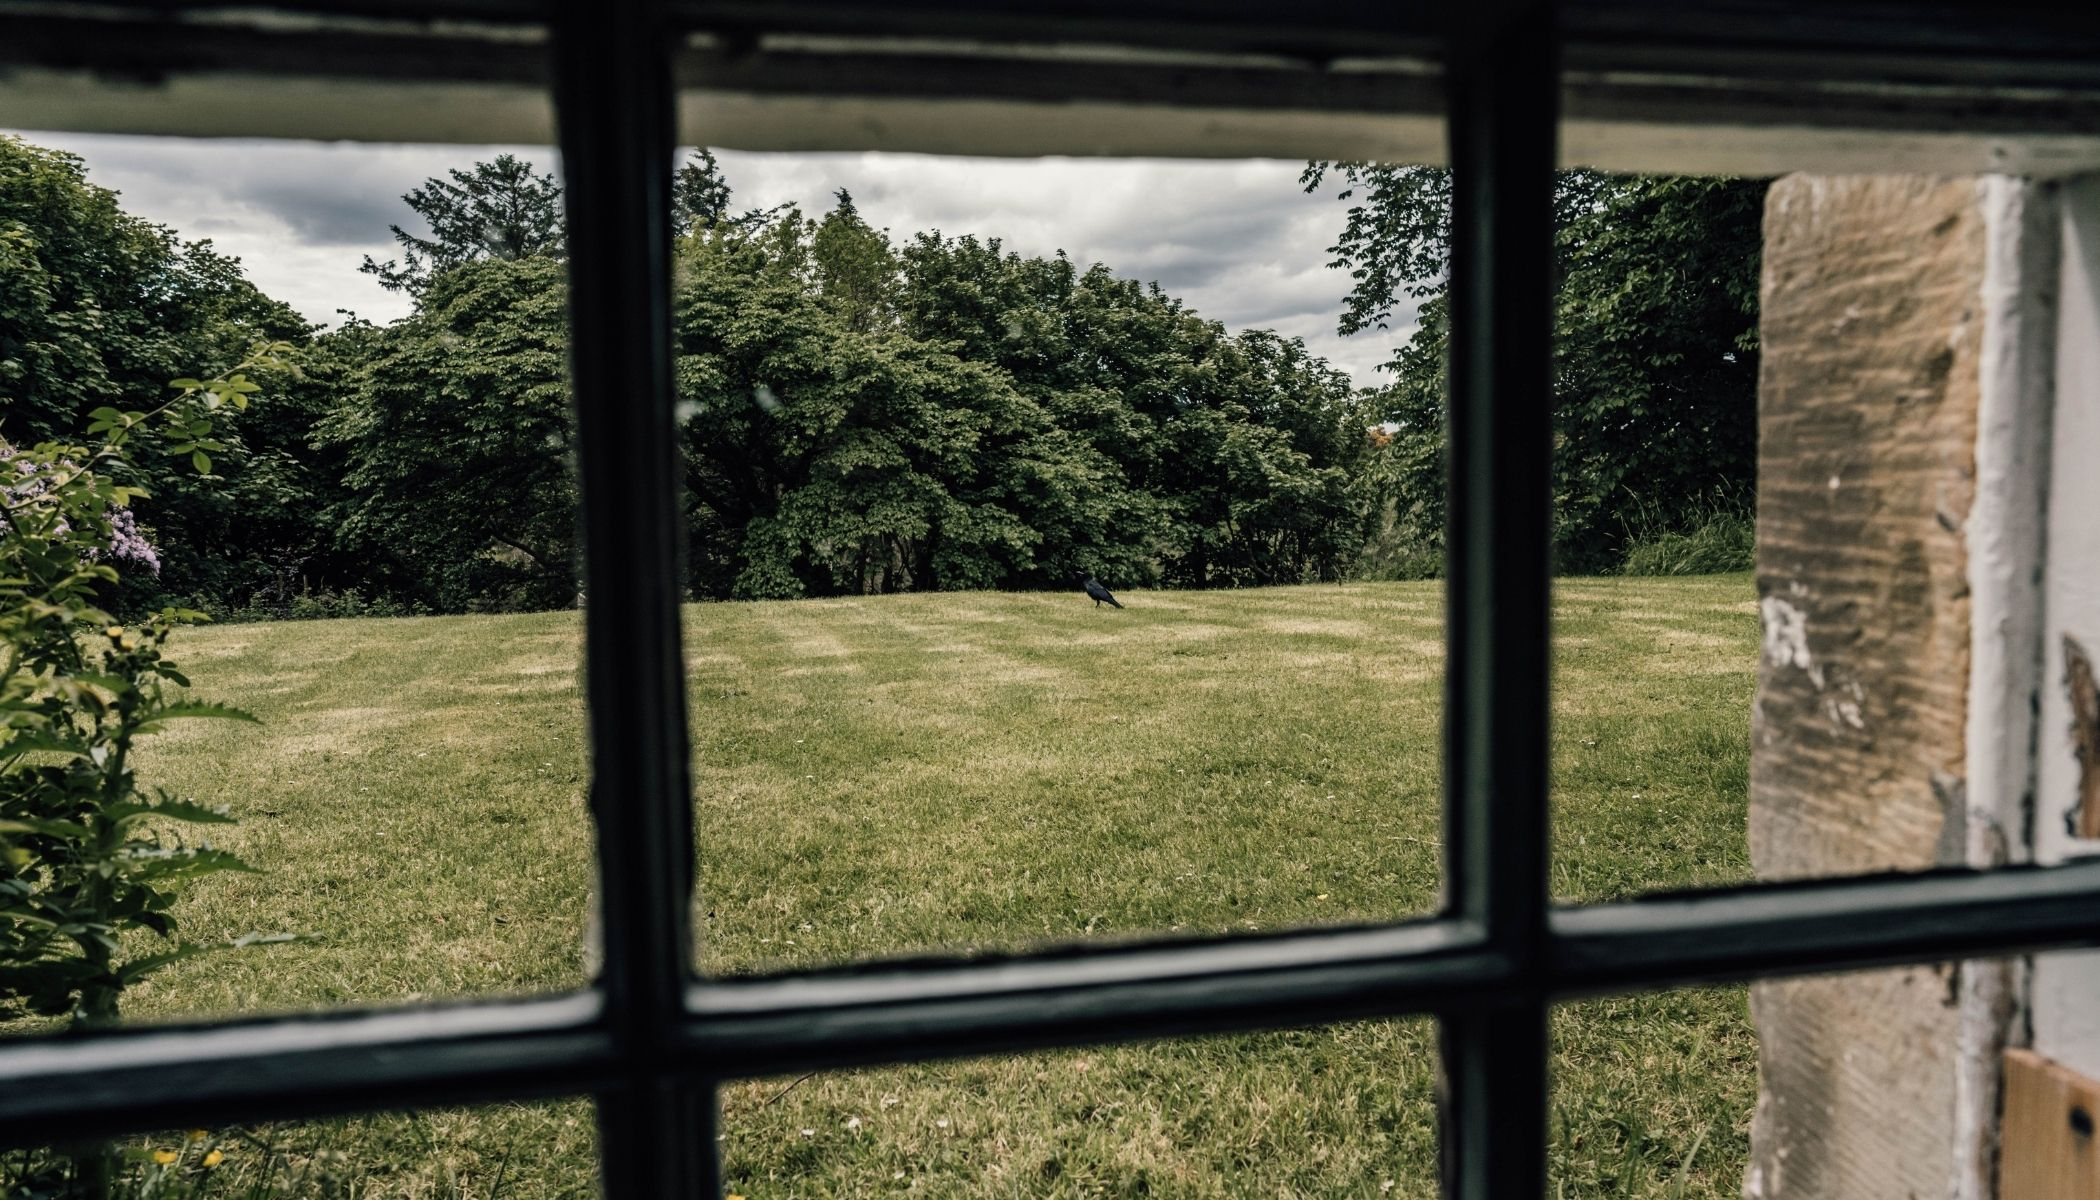 Shurrey - Garden Views